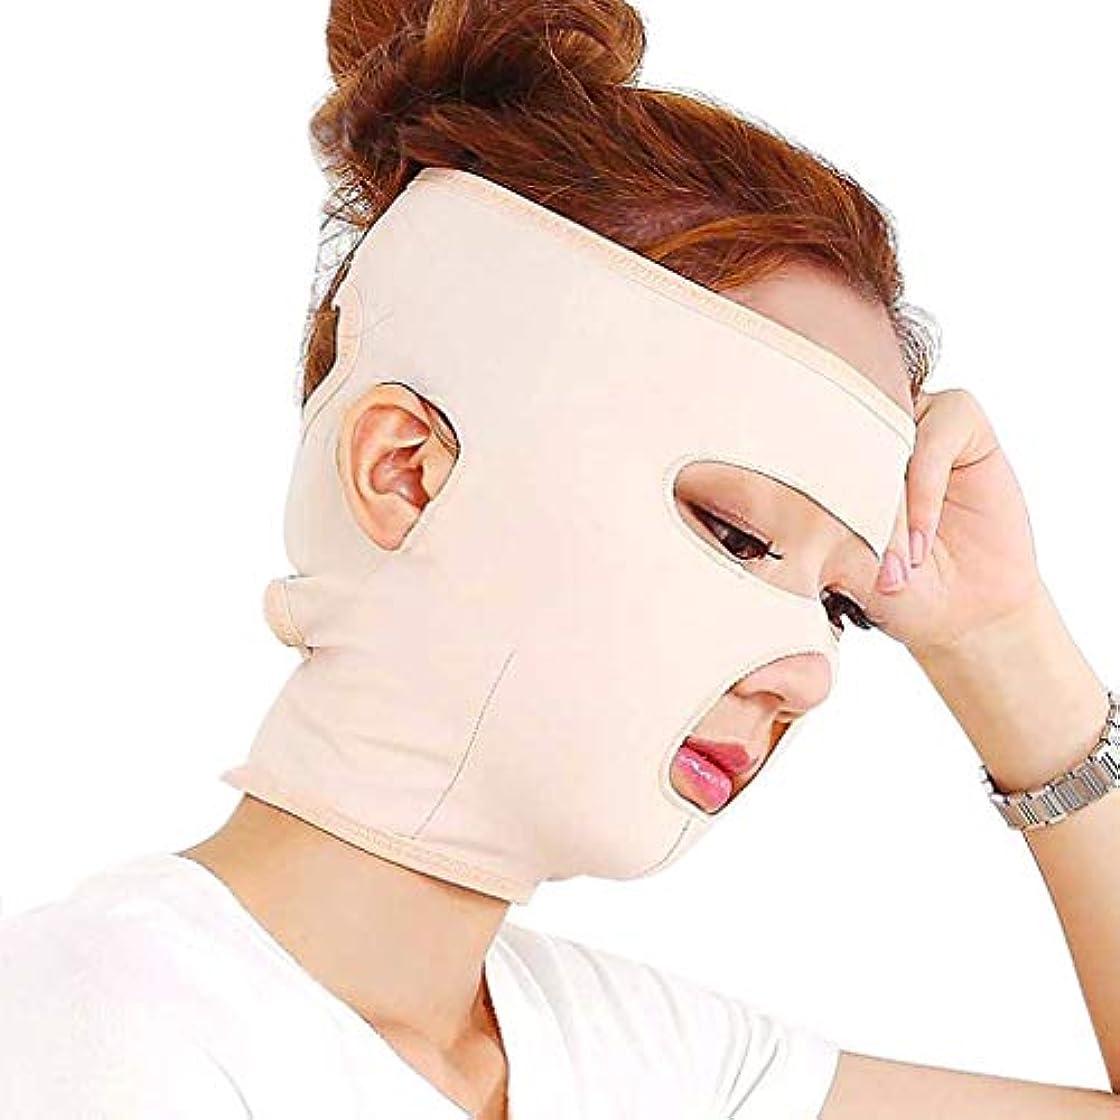 バー参加者接続されたJia He 軽量 薄い顔ベルト、抗シワ、薄い二重あごの睡眠美容矯正ベルトを高めるために、薄い顔の包帯V面アーティファクト ## (Size : M)